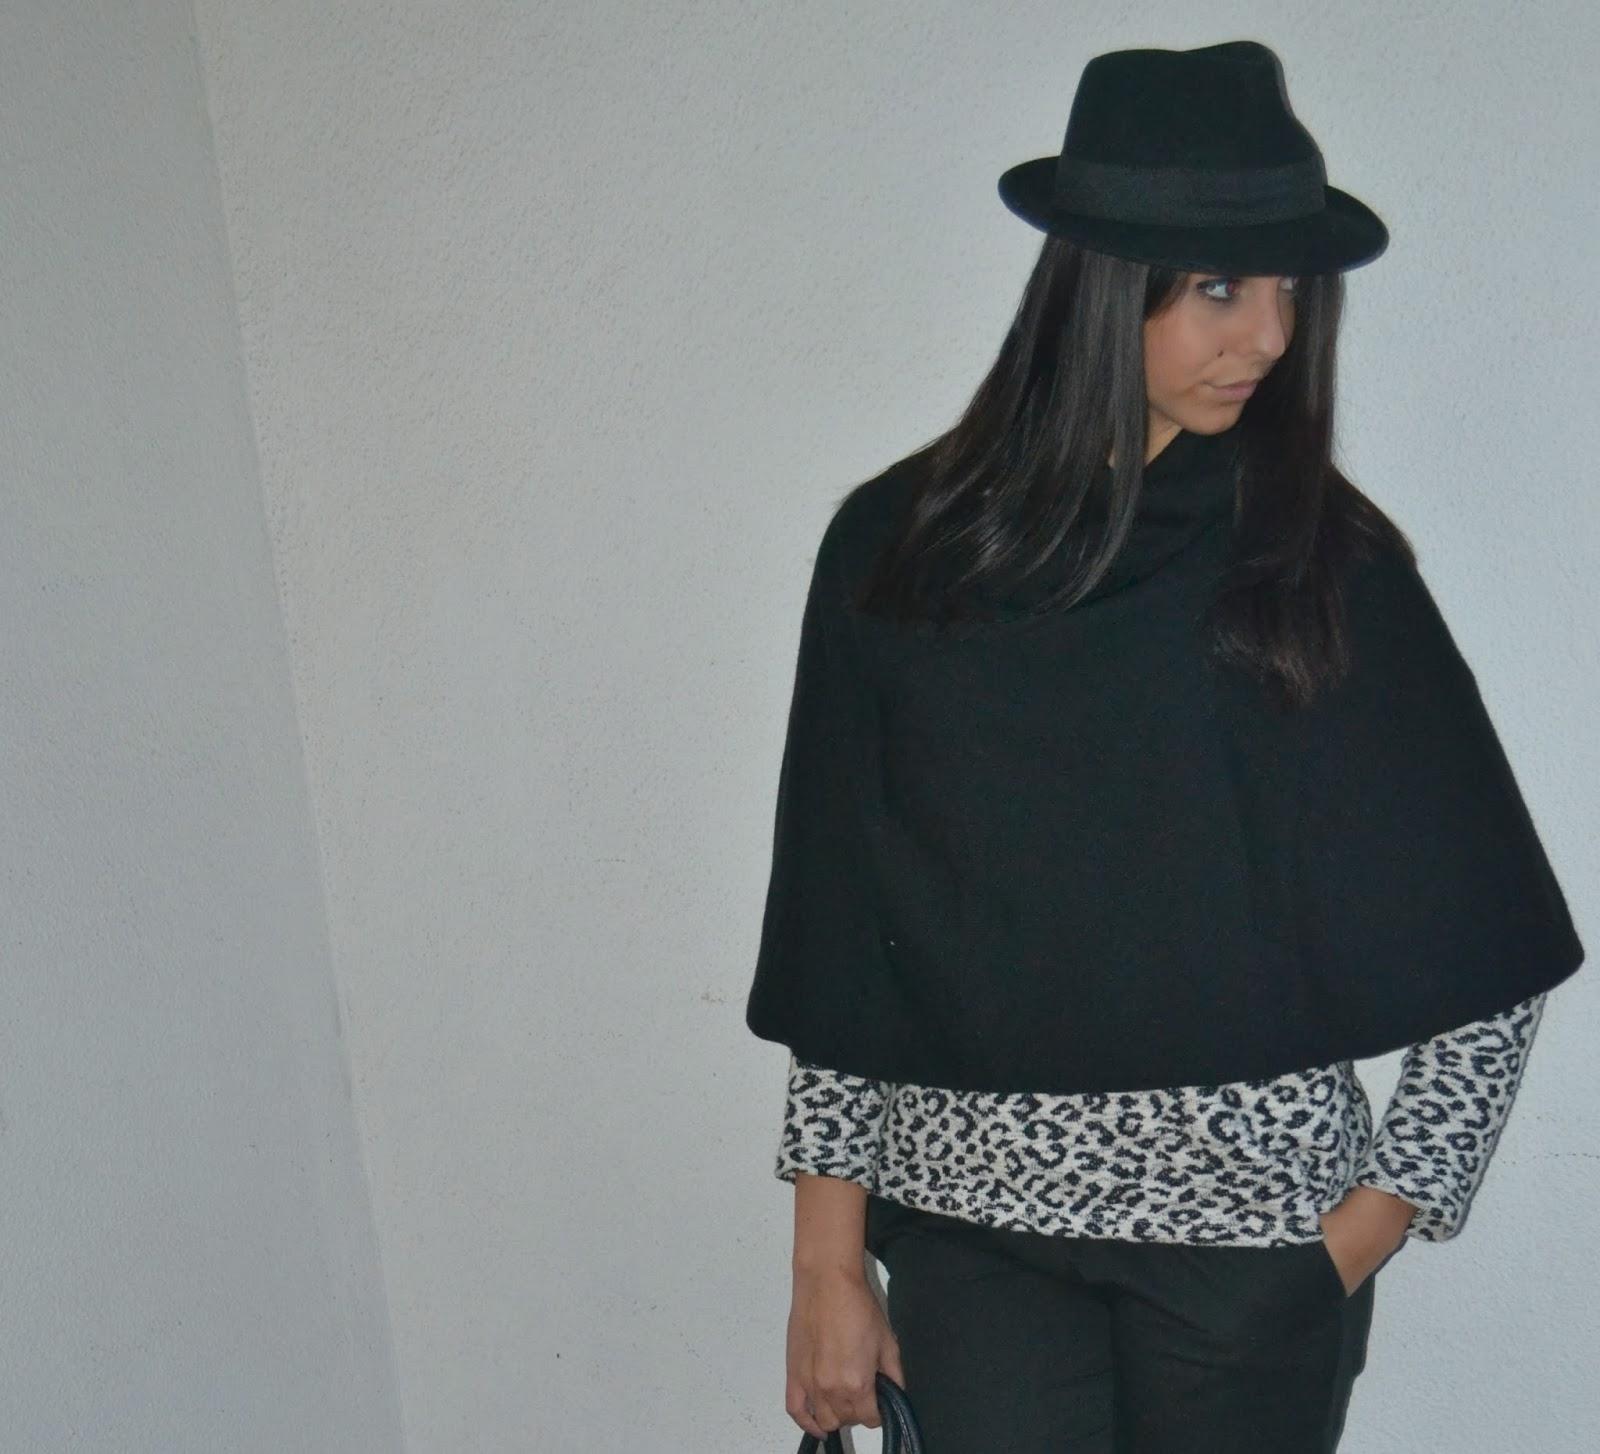 À Cappello Mode Di Danse tanto La TvEXdq